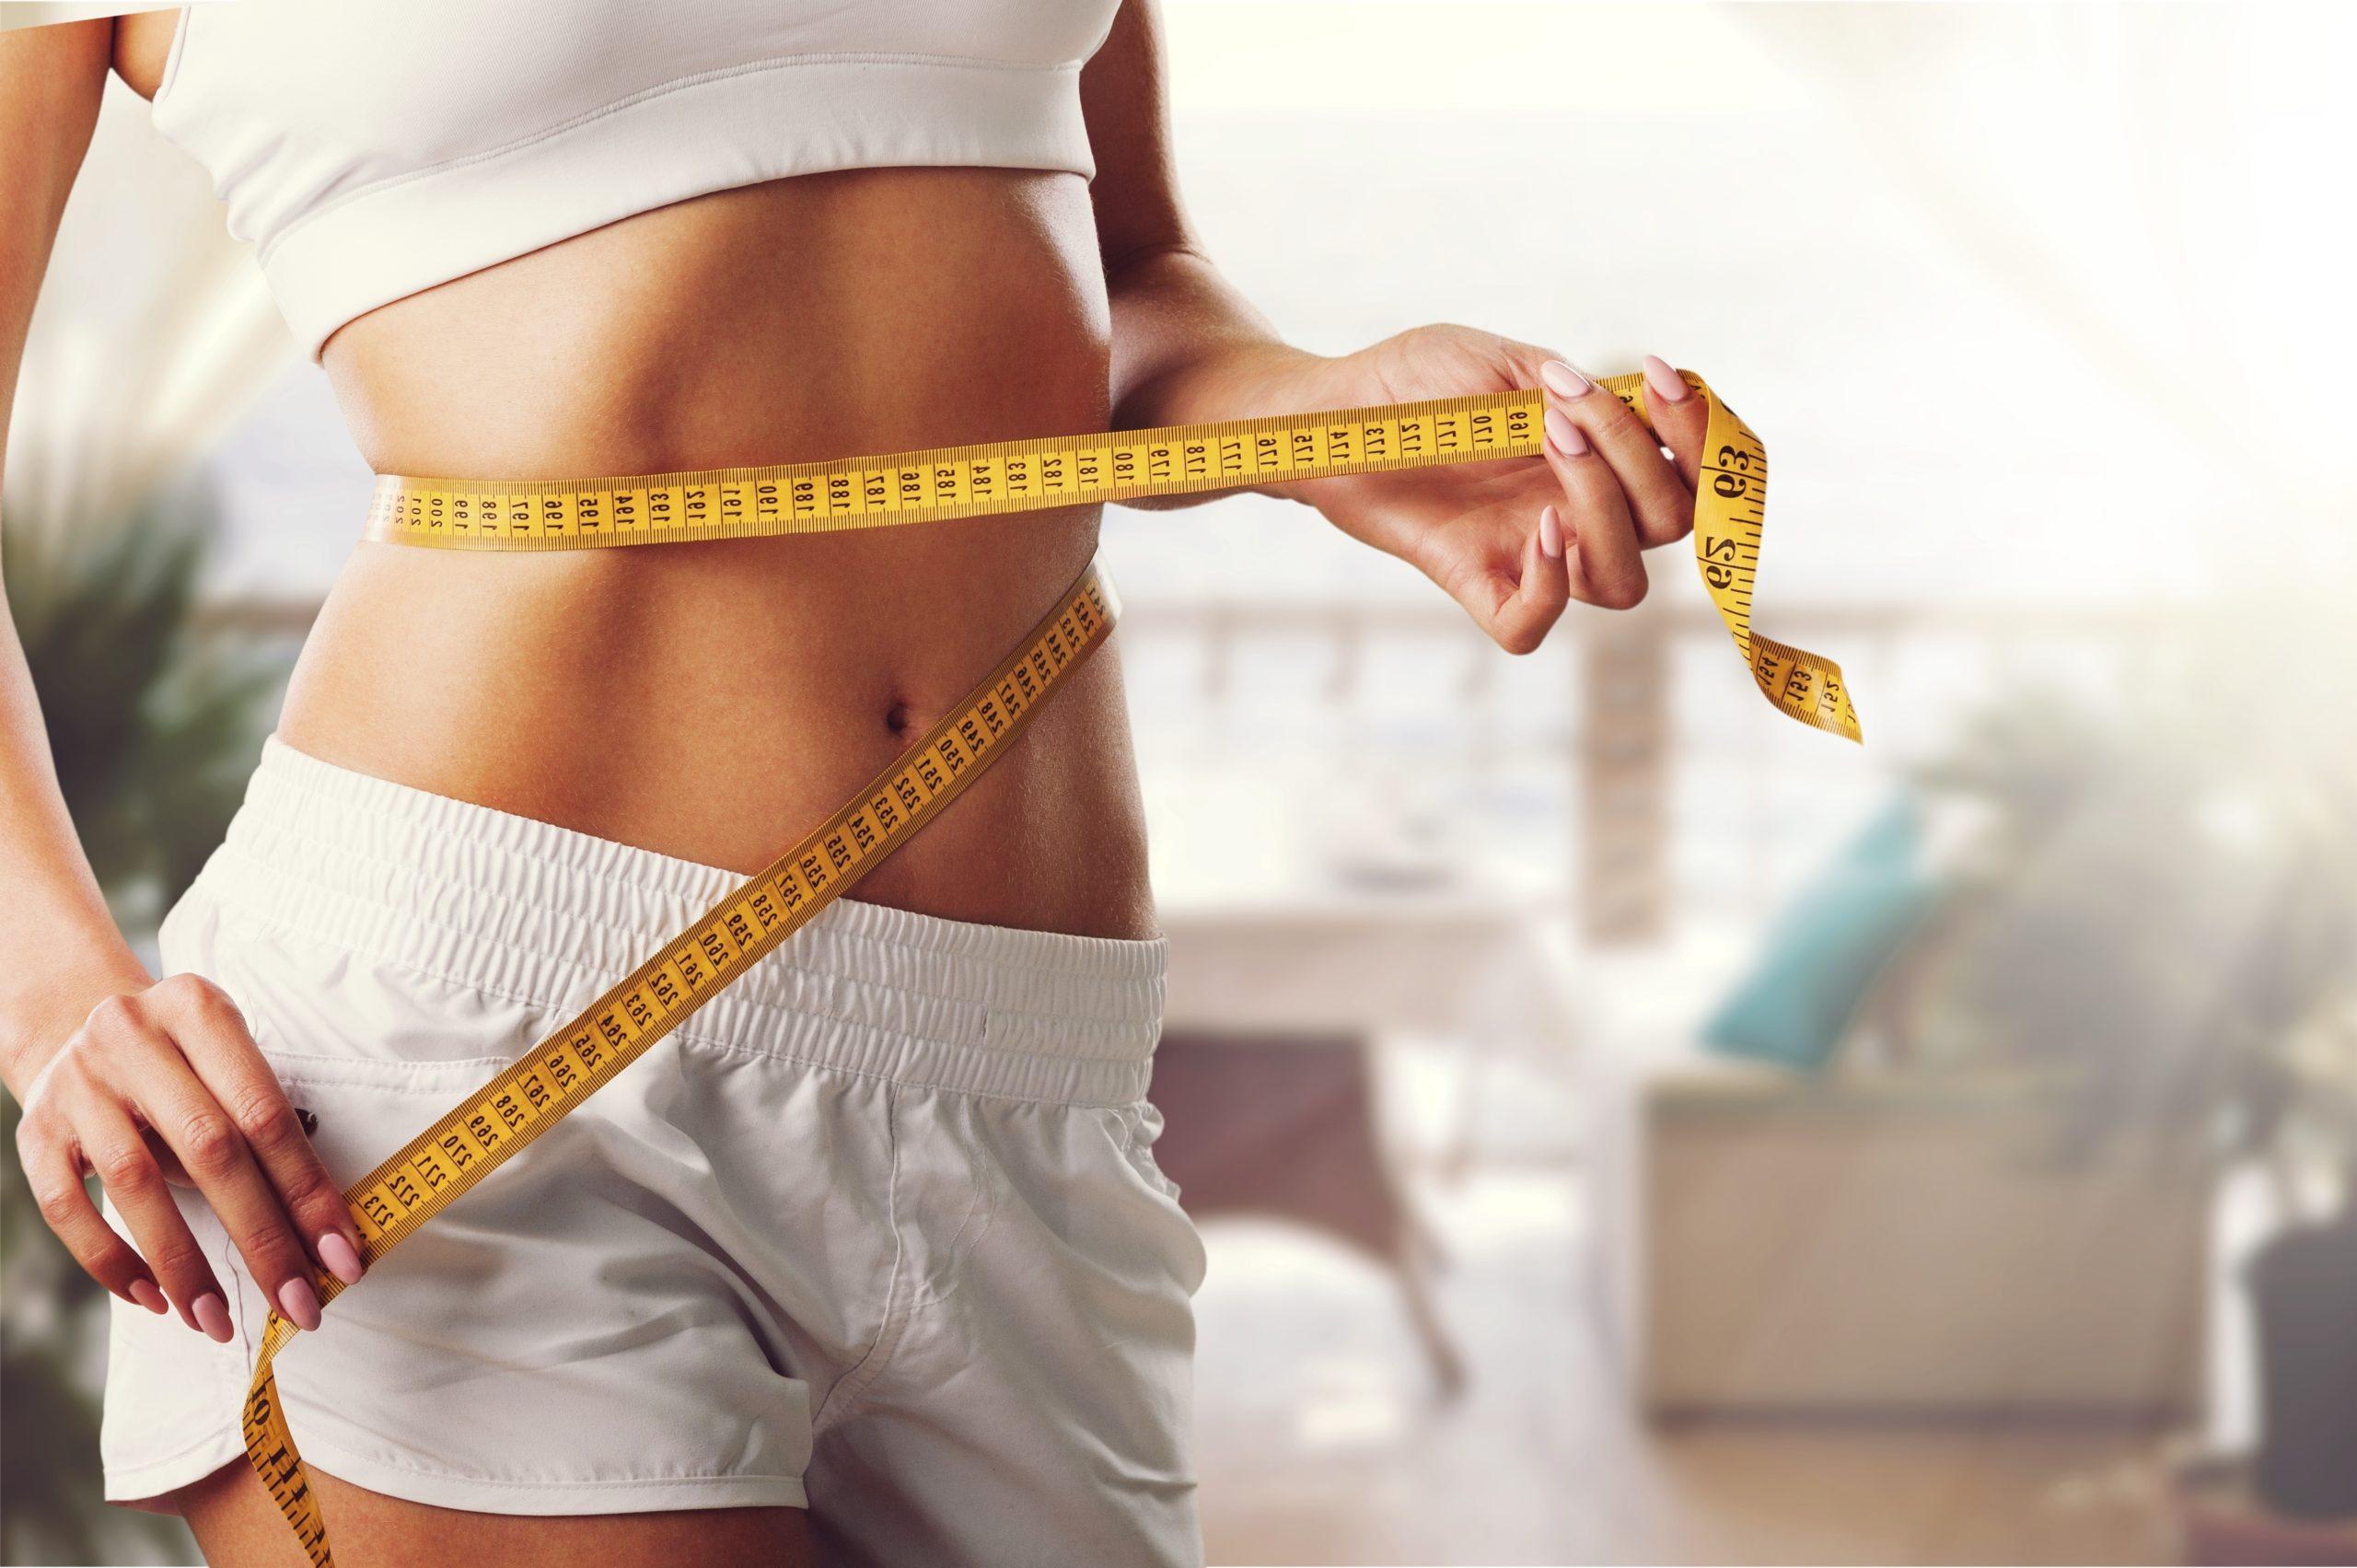 筋トレ 体脂肪 減らない